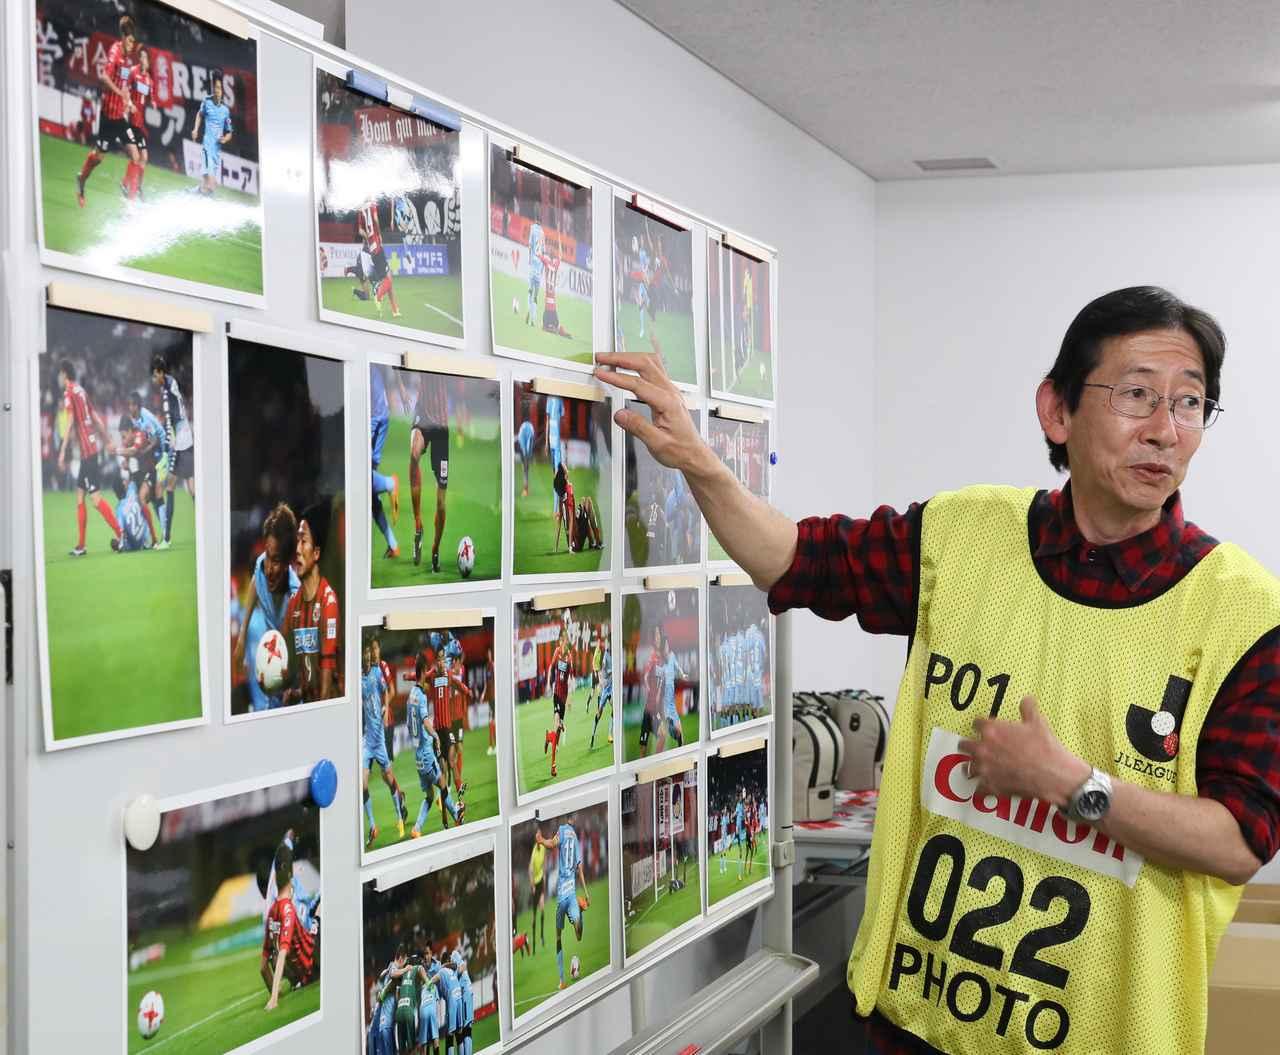 画像: 撮影後にPIXUS で作品をプリントアウトし、築田カメラマンが自分の作品を講評してくれる!